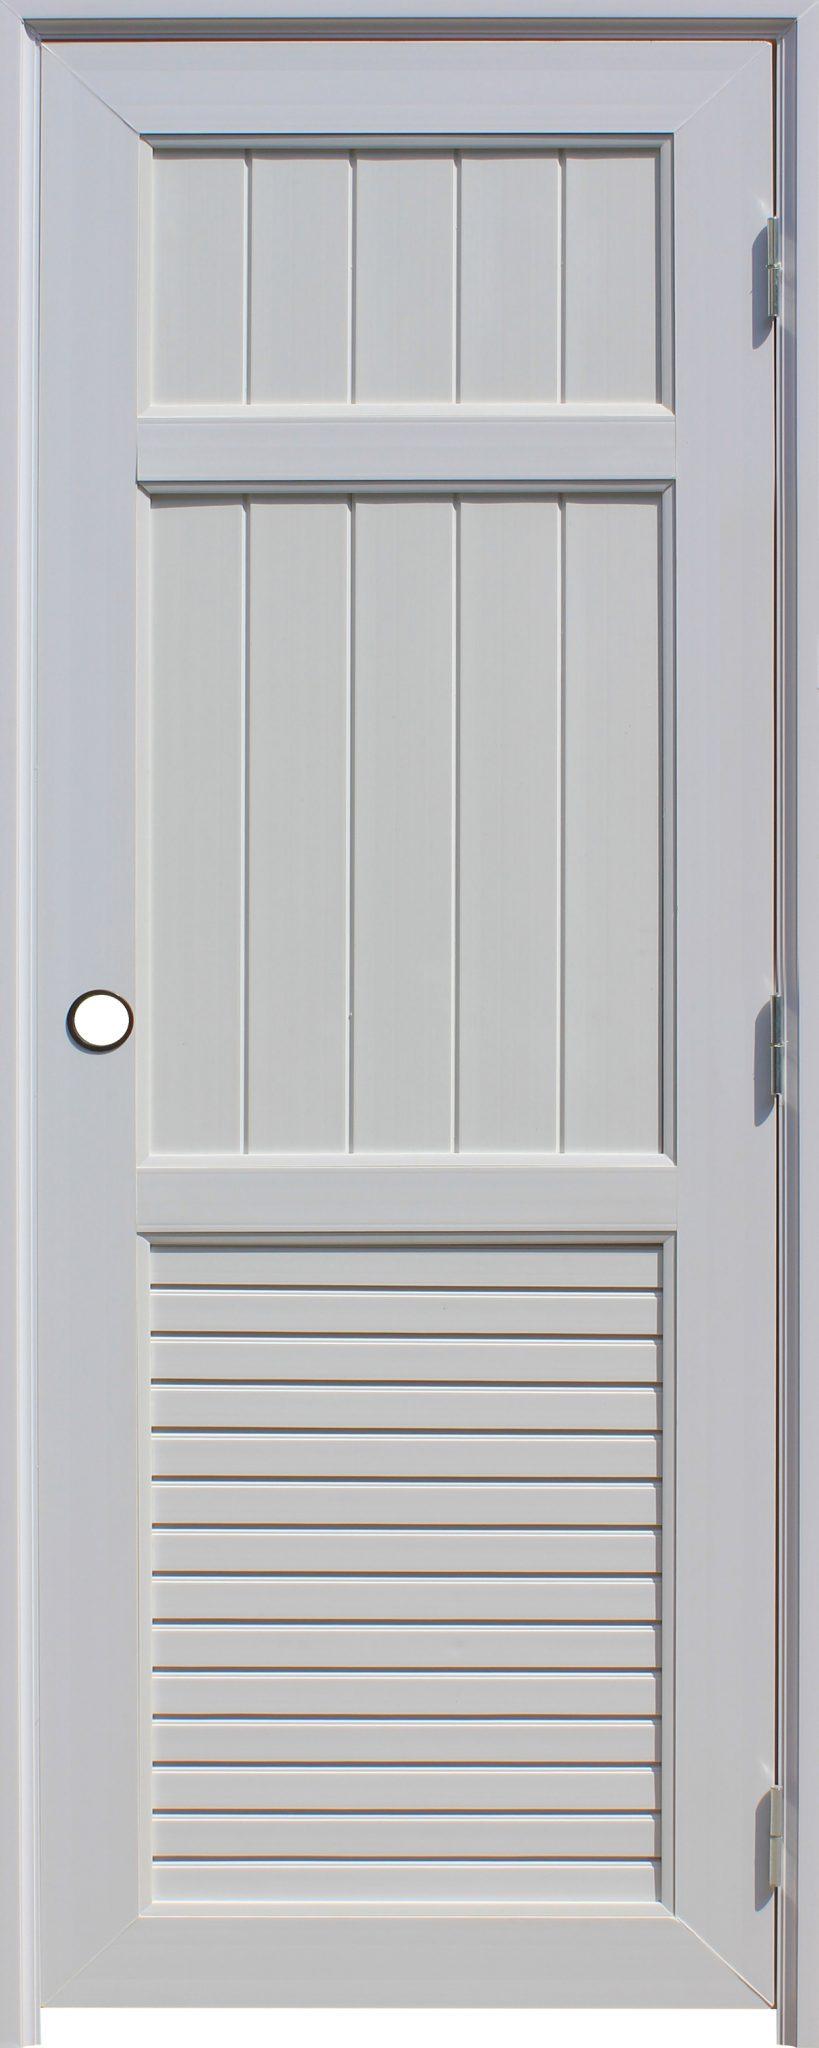 ประตู รุ่น UB 3